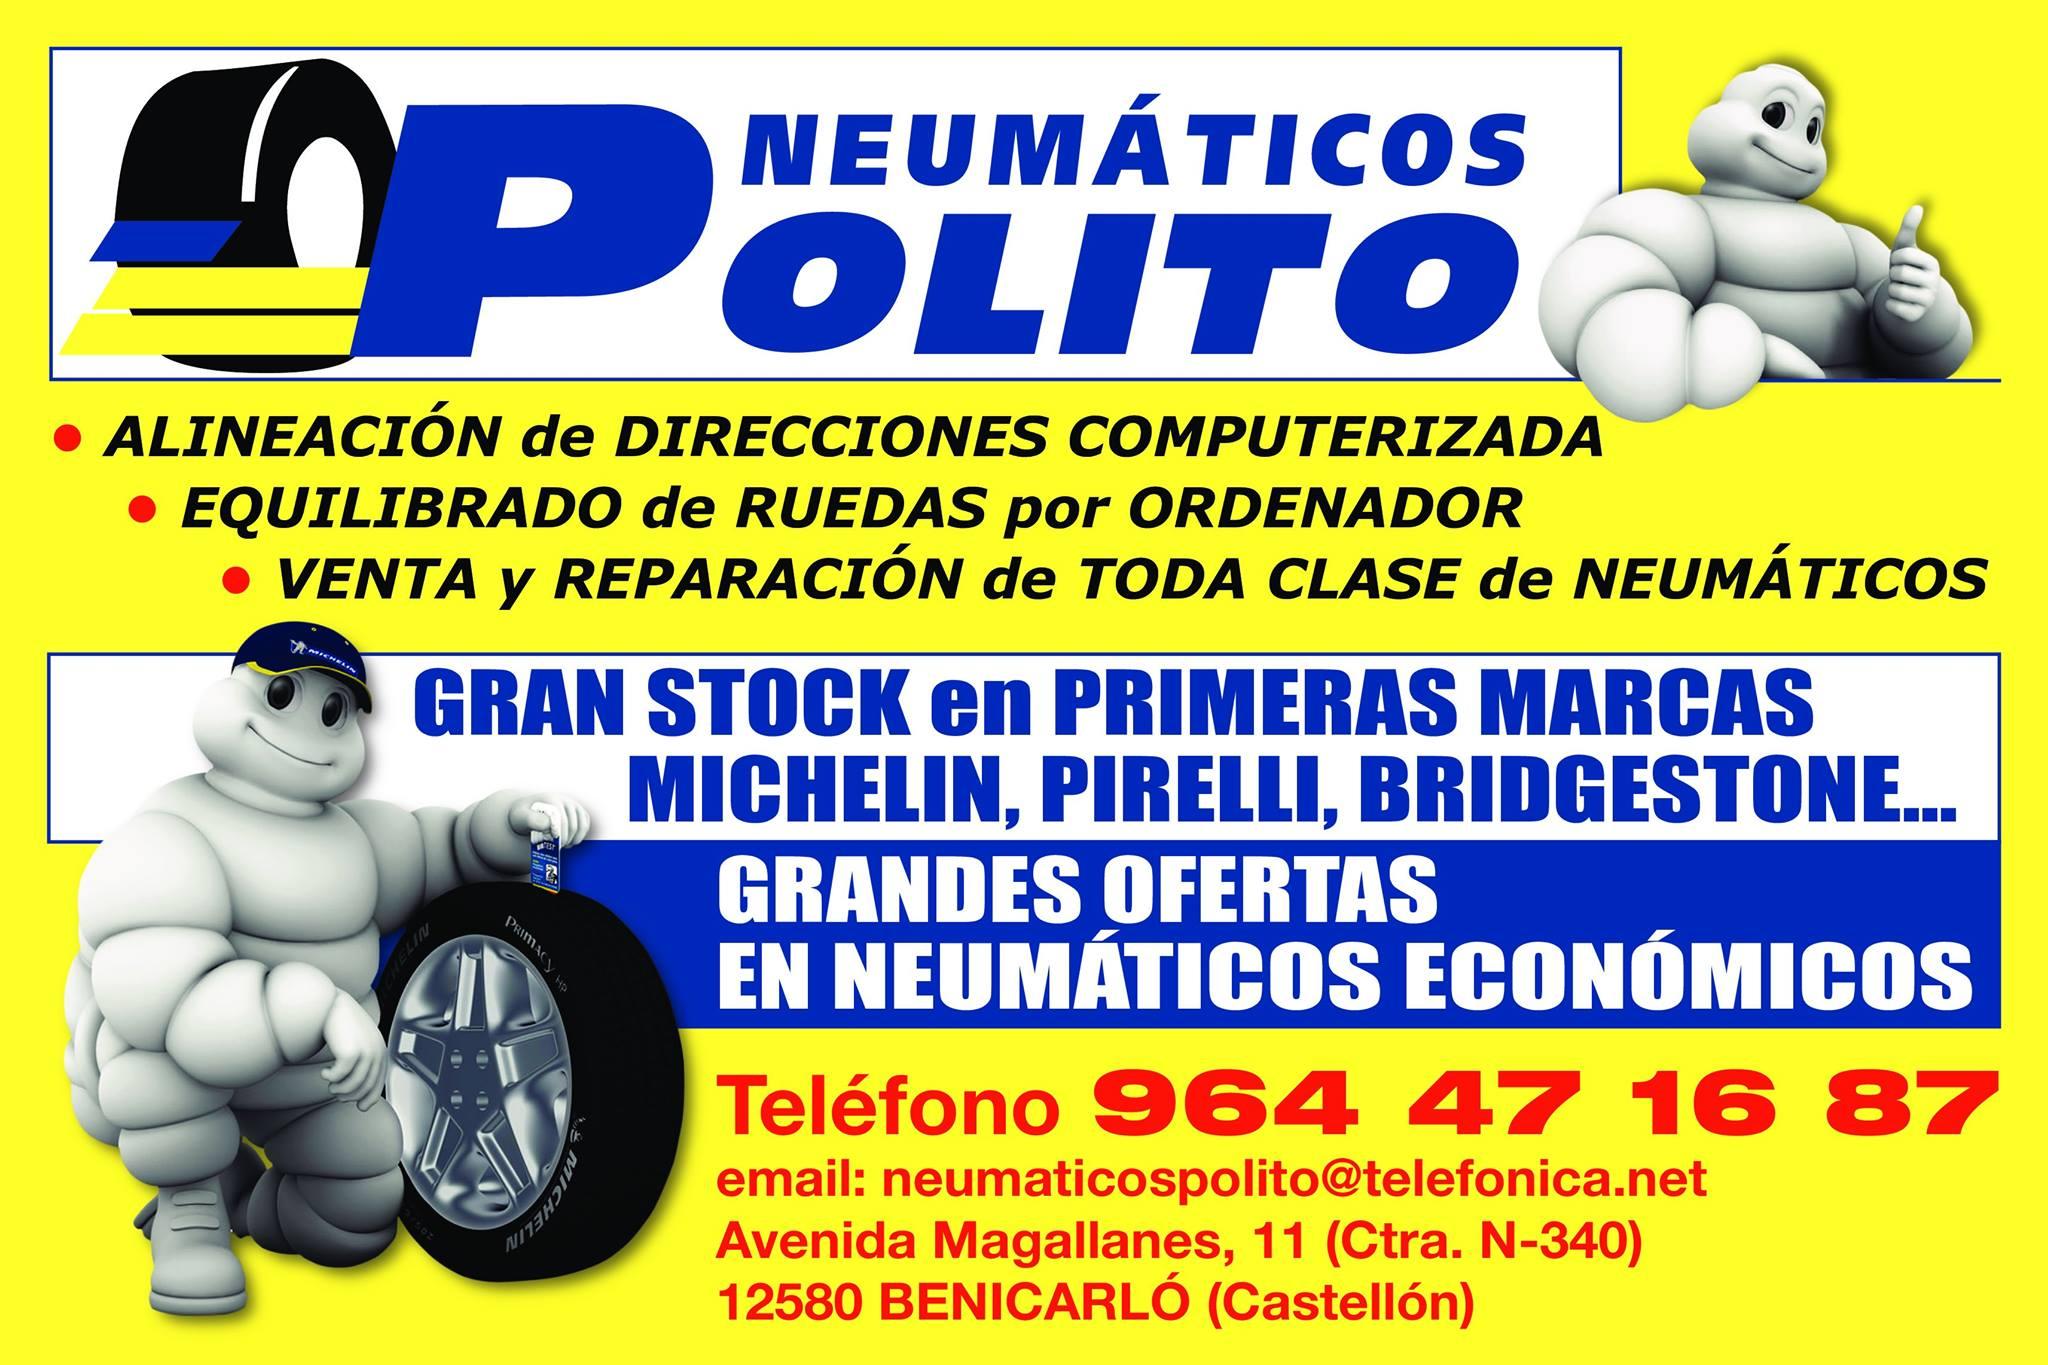 Neumáticos Polito